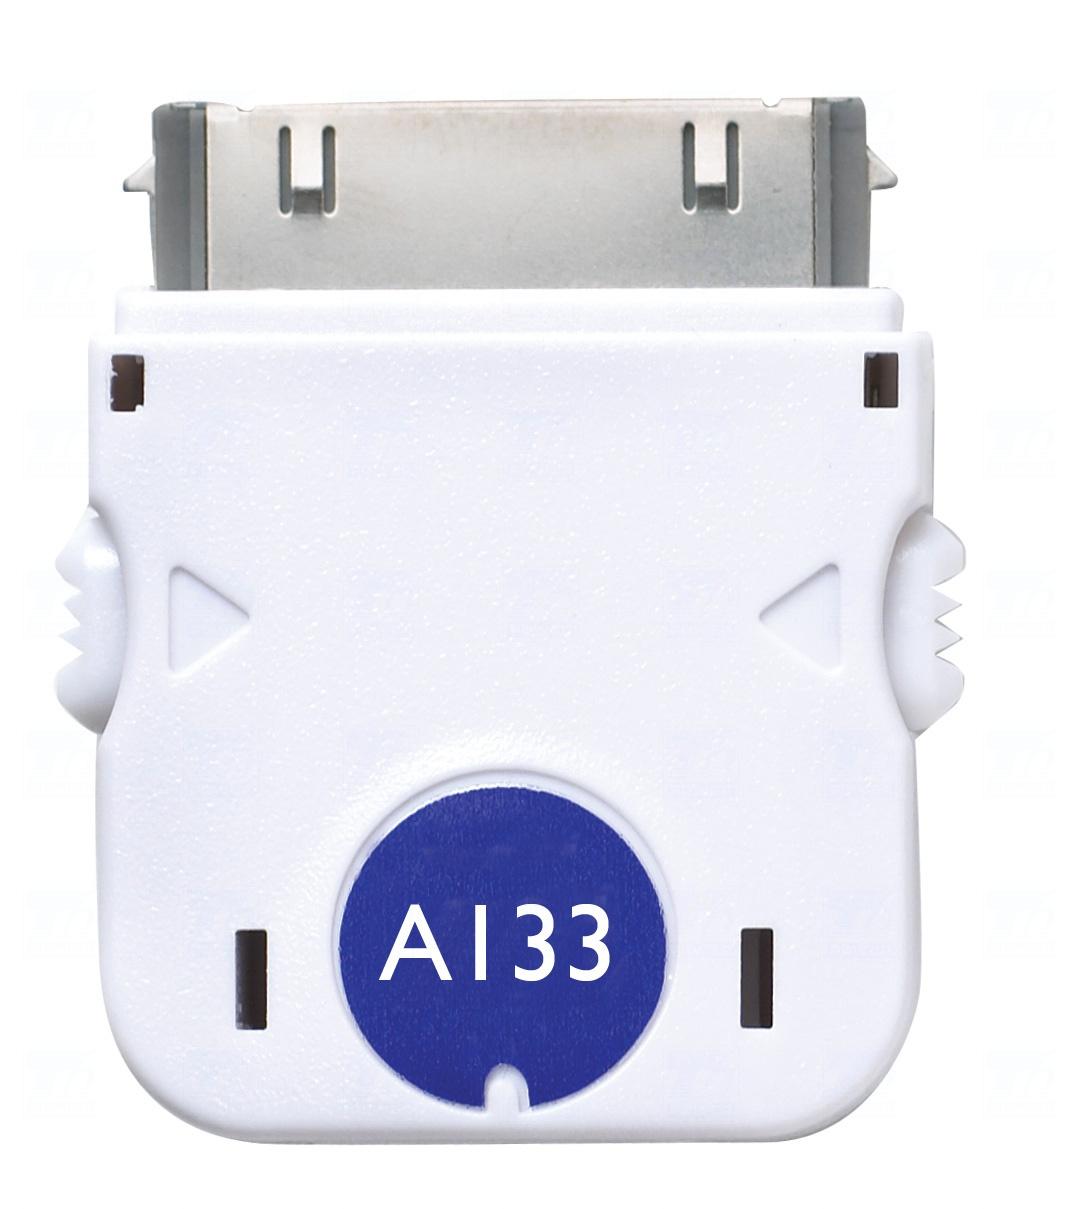 iGo Power Tip A133, Apple